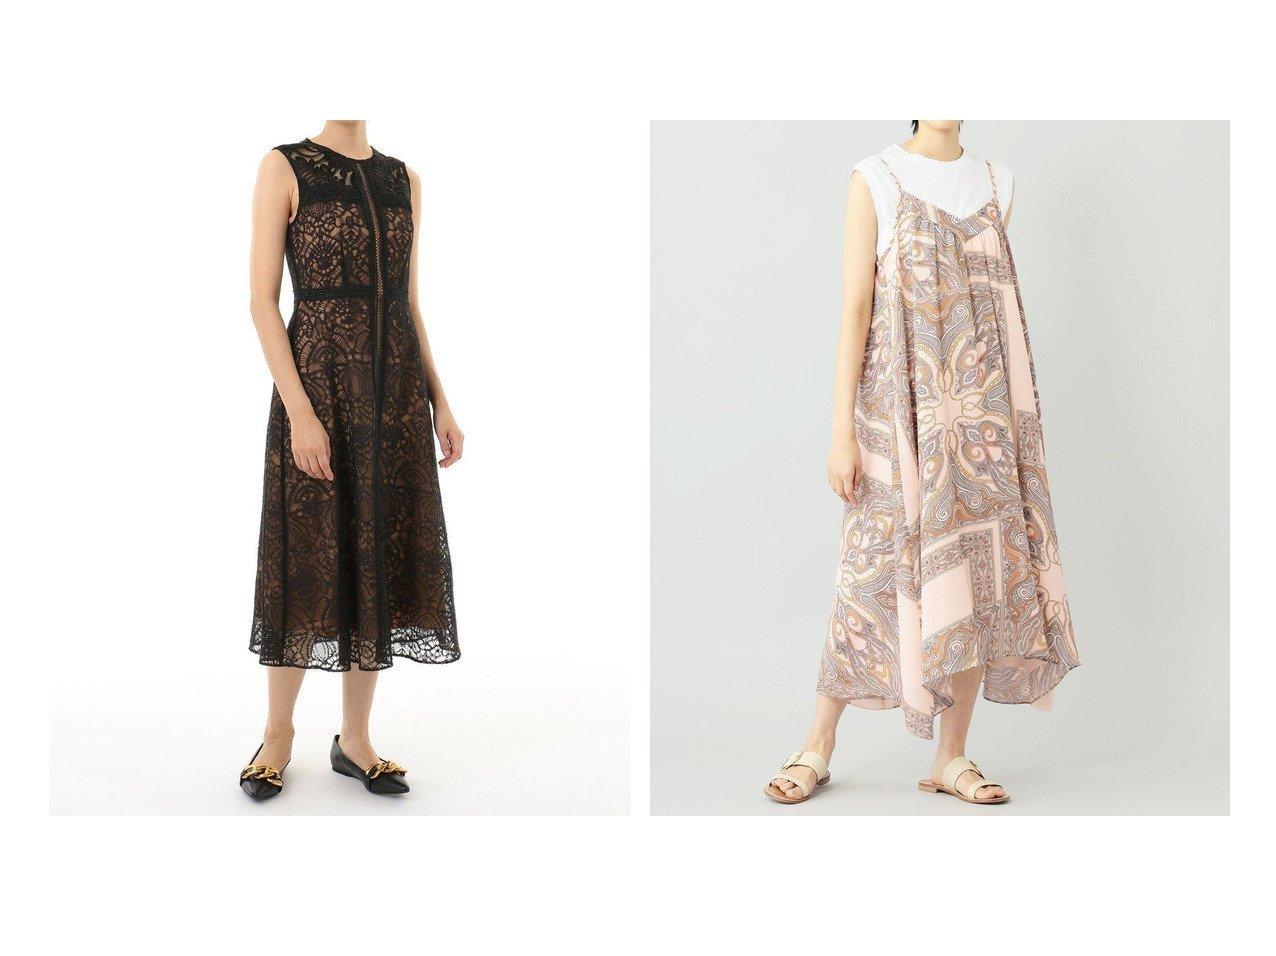 【GRACE CONTINENTAL/グレース コンチネンタル】のレースコンビラインドレス&キャミプリントワンピース 【ワンピース・ドレス】おすすめ!人気、トレンド・レディースファッションの通販   おすすめで人気の流行・トレンド、ファッションの通販商品 インテリア・家具・メンズファッション・キッズファッション・レディースファッション・服の通販 founy(ファニー) https://founy.com/ ファッション Fashion レディースファッション WOMEN ワンピース Dress ドレス Party Dresses 送料無料 Free Shipping イレギュラーヘム カーディガン ギャザー サマー ジョーゼット ドレス リボン ルーズ 再入荷 Restock/Back in Stock/Re Arrival |ID:crp329100000052278